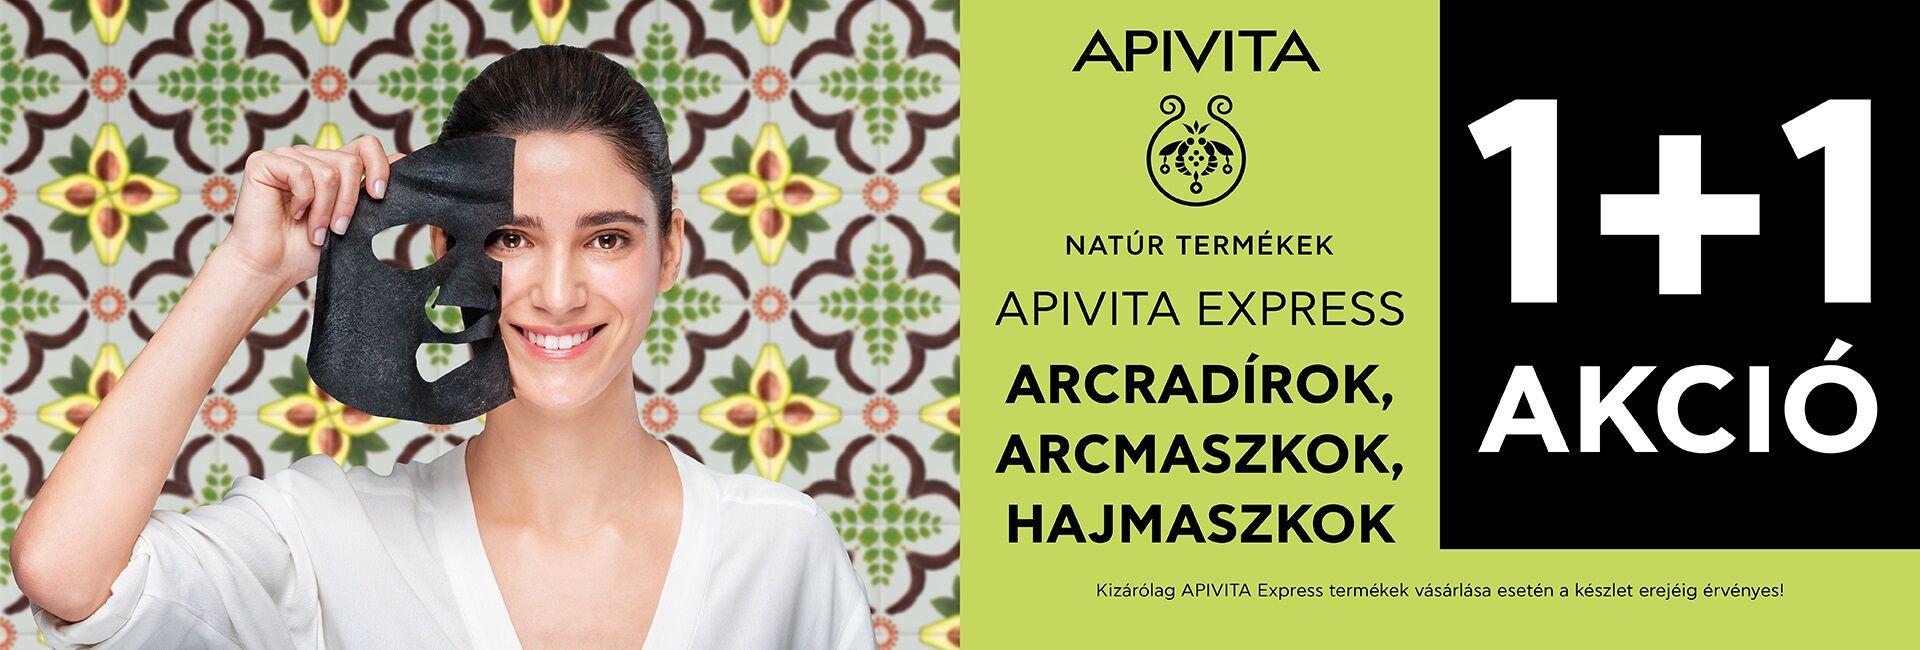 2021. január 21. és március 31. közöt minden Apivita Express Beauty termék mellé választható Apivita arcmaszkor/arcredírt/hajmaszkot adunk ajándékba!!